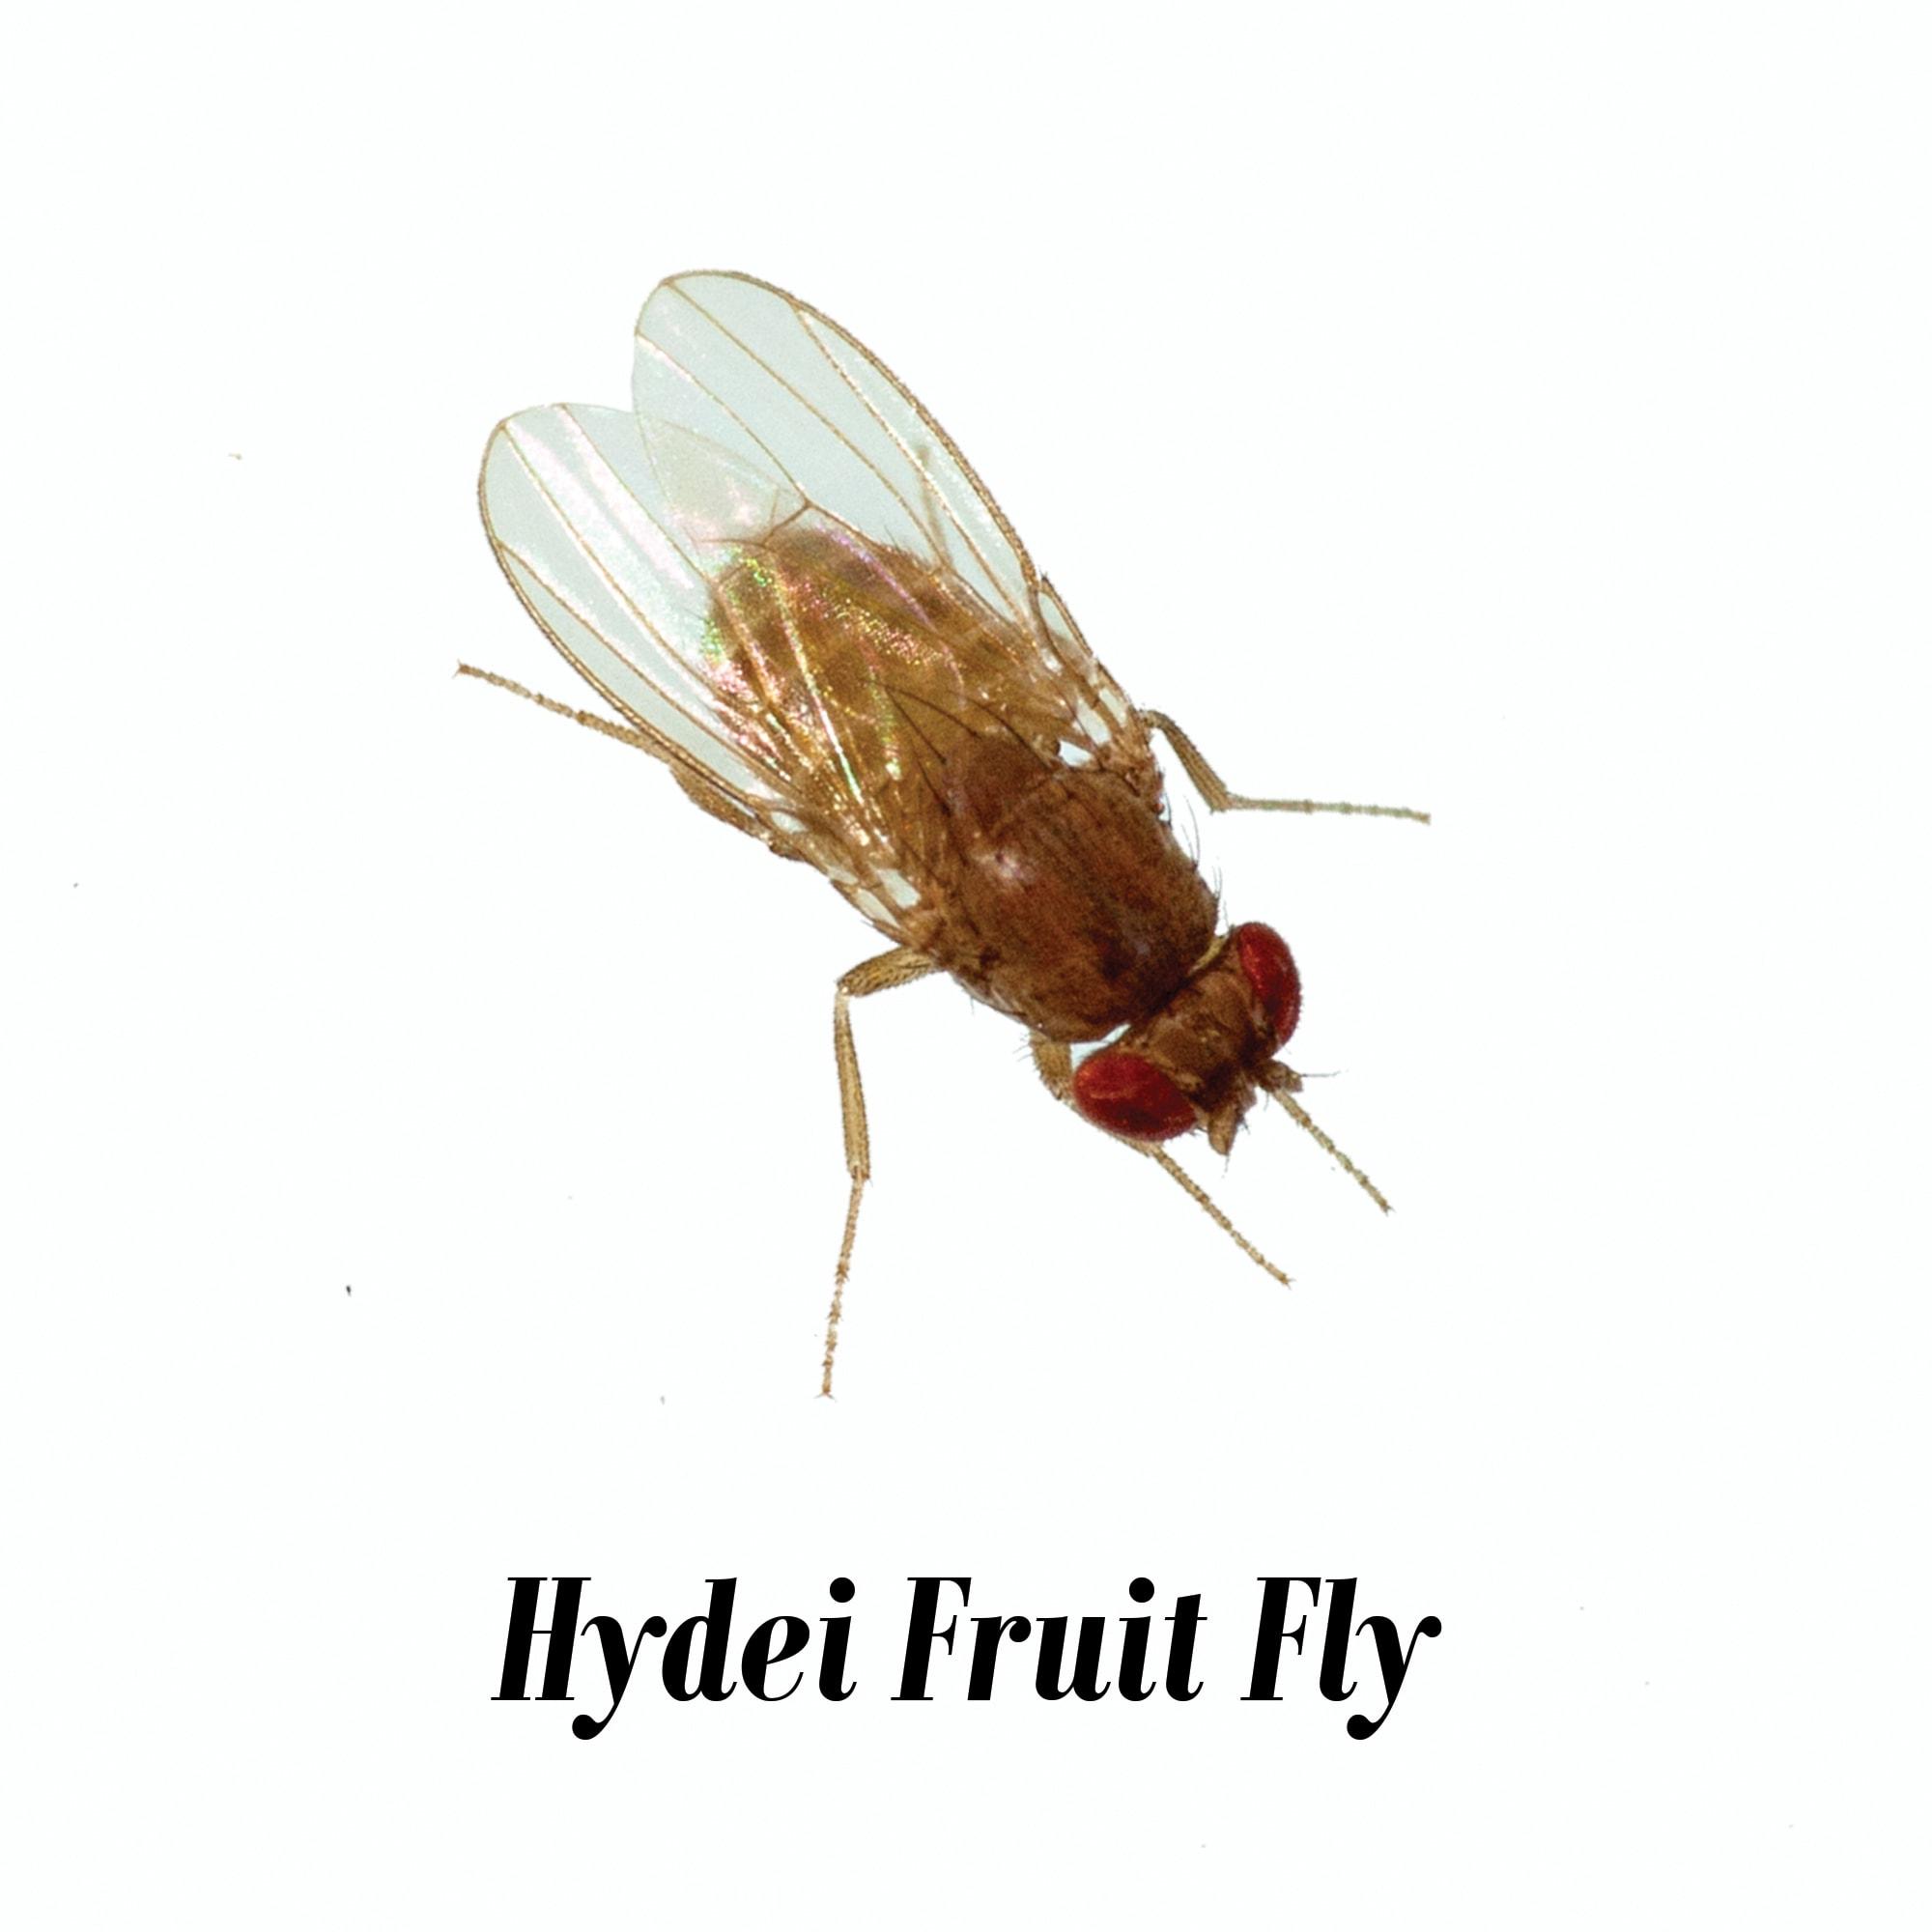 Hydei Fruit Fly Culture Drosophila hydei, Pack of 12